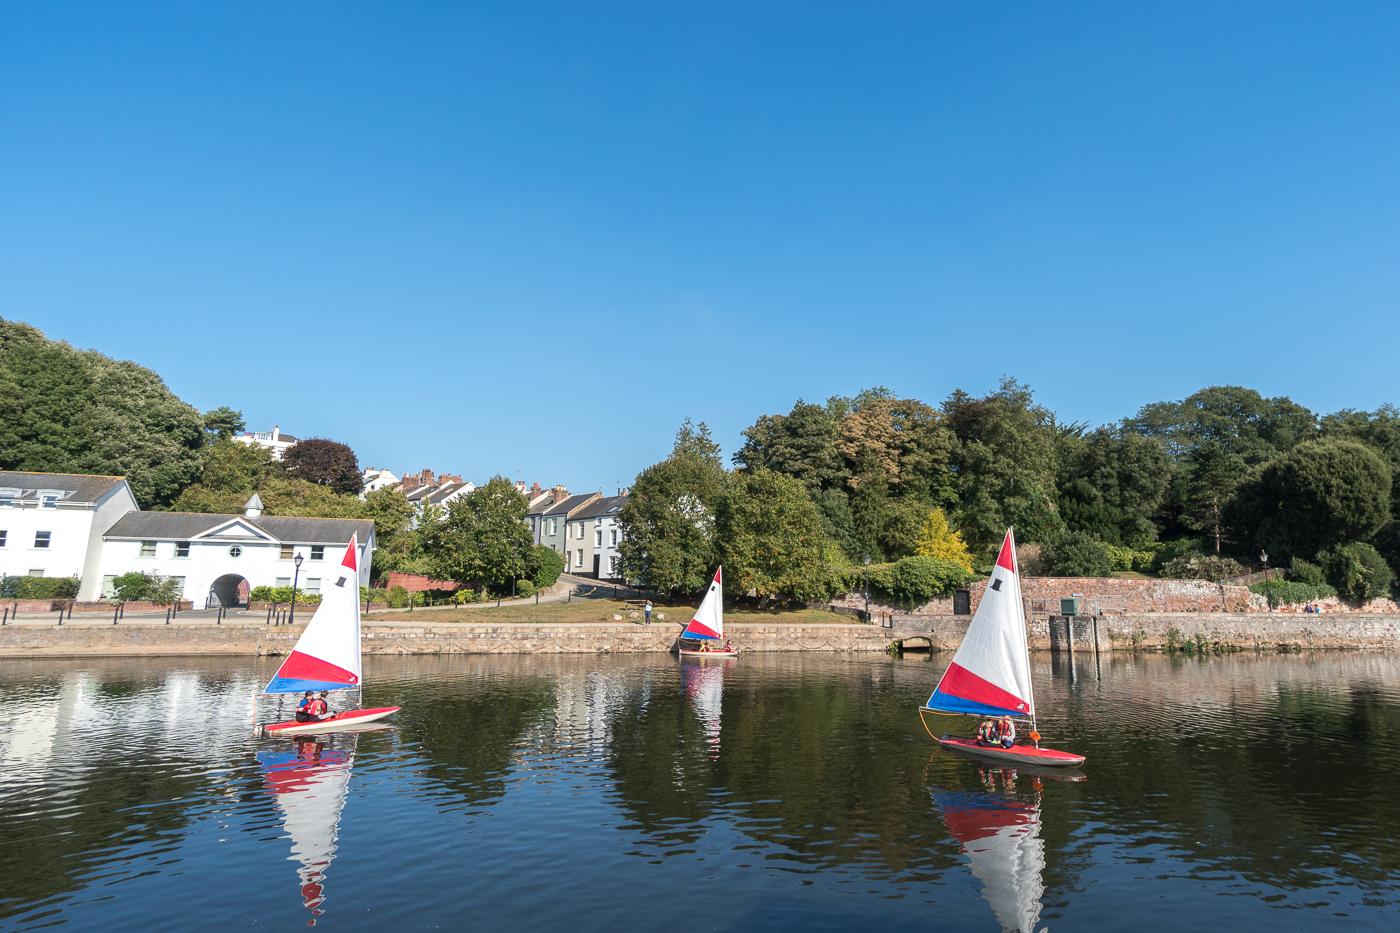 Petits voiliers sur l'eau au Exeter Quayside